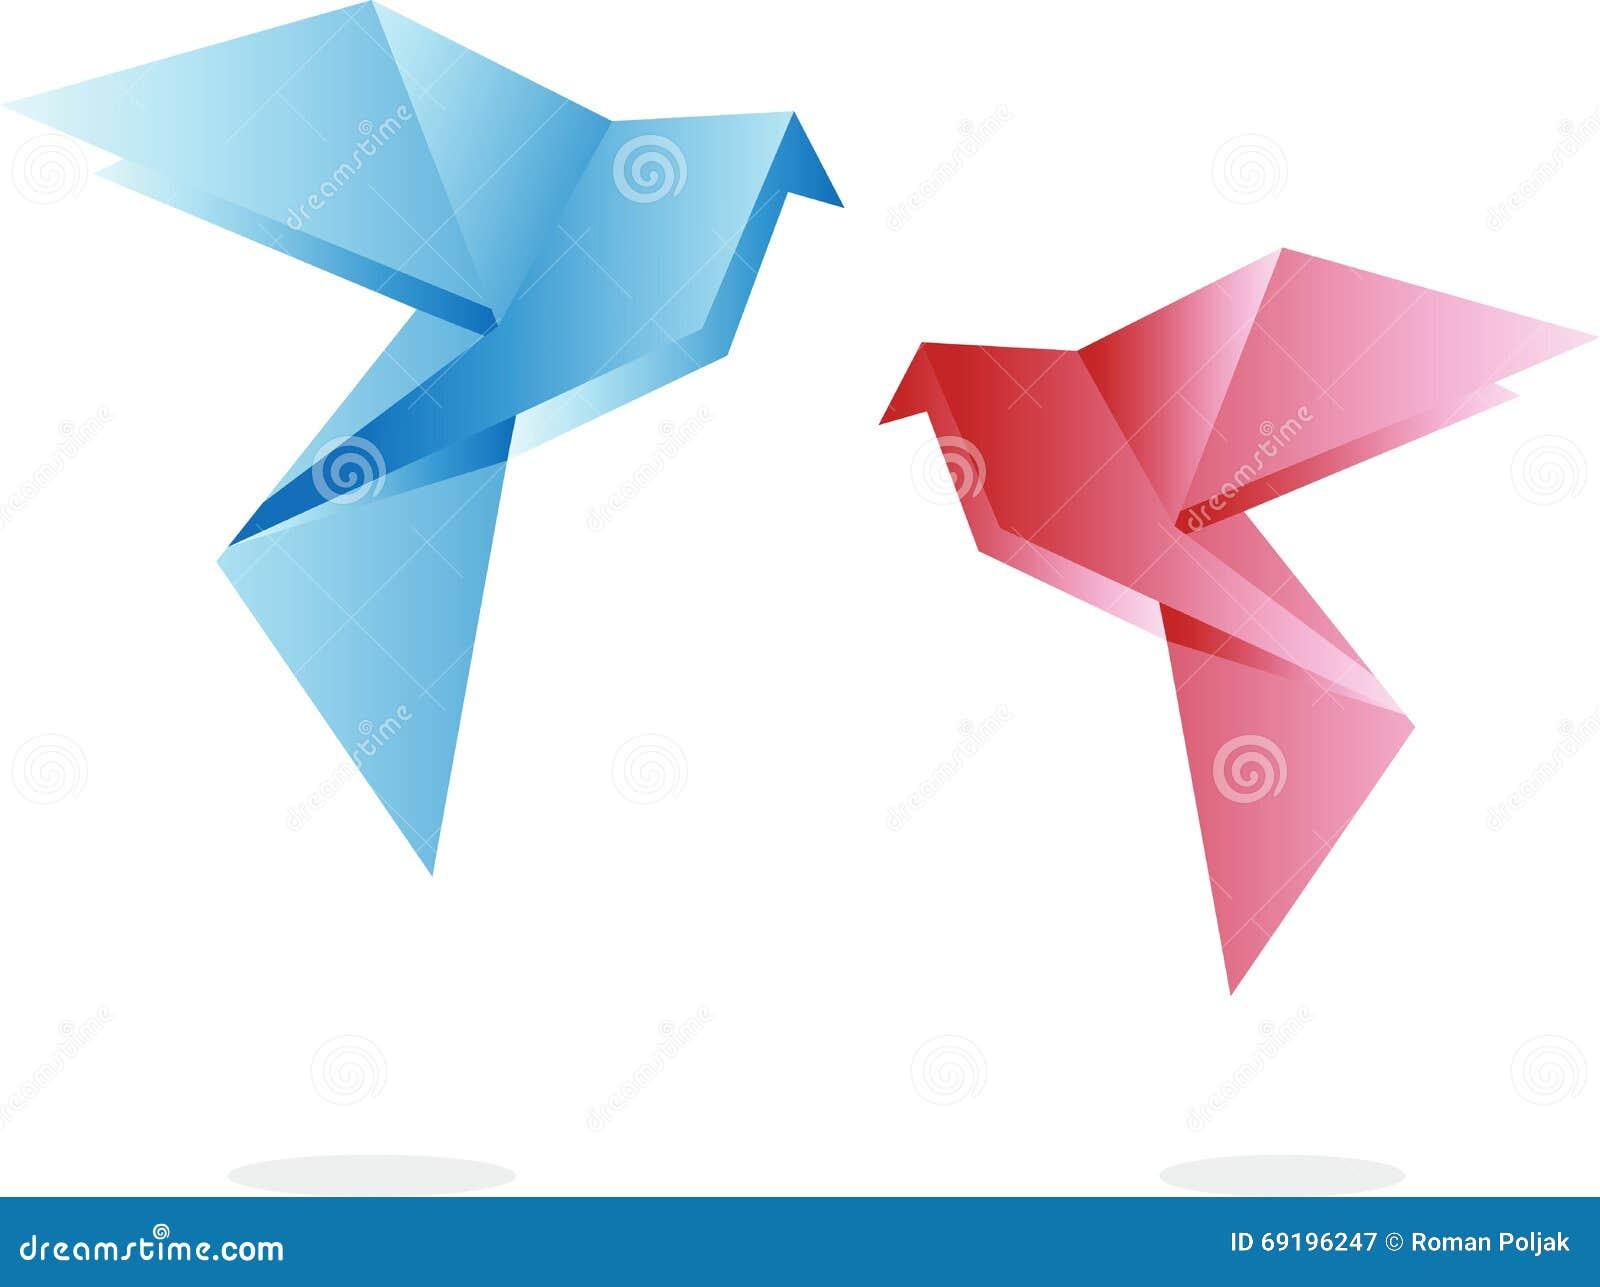 Vettoriale Di Origami Uccelli Uccelli Illustrazione Di qSzVUMp